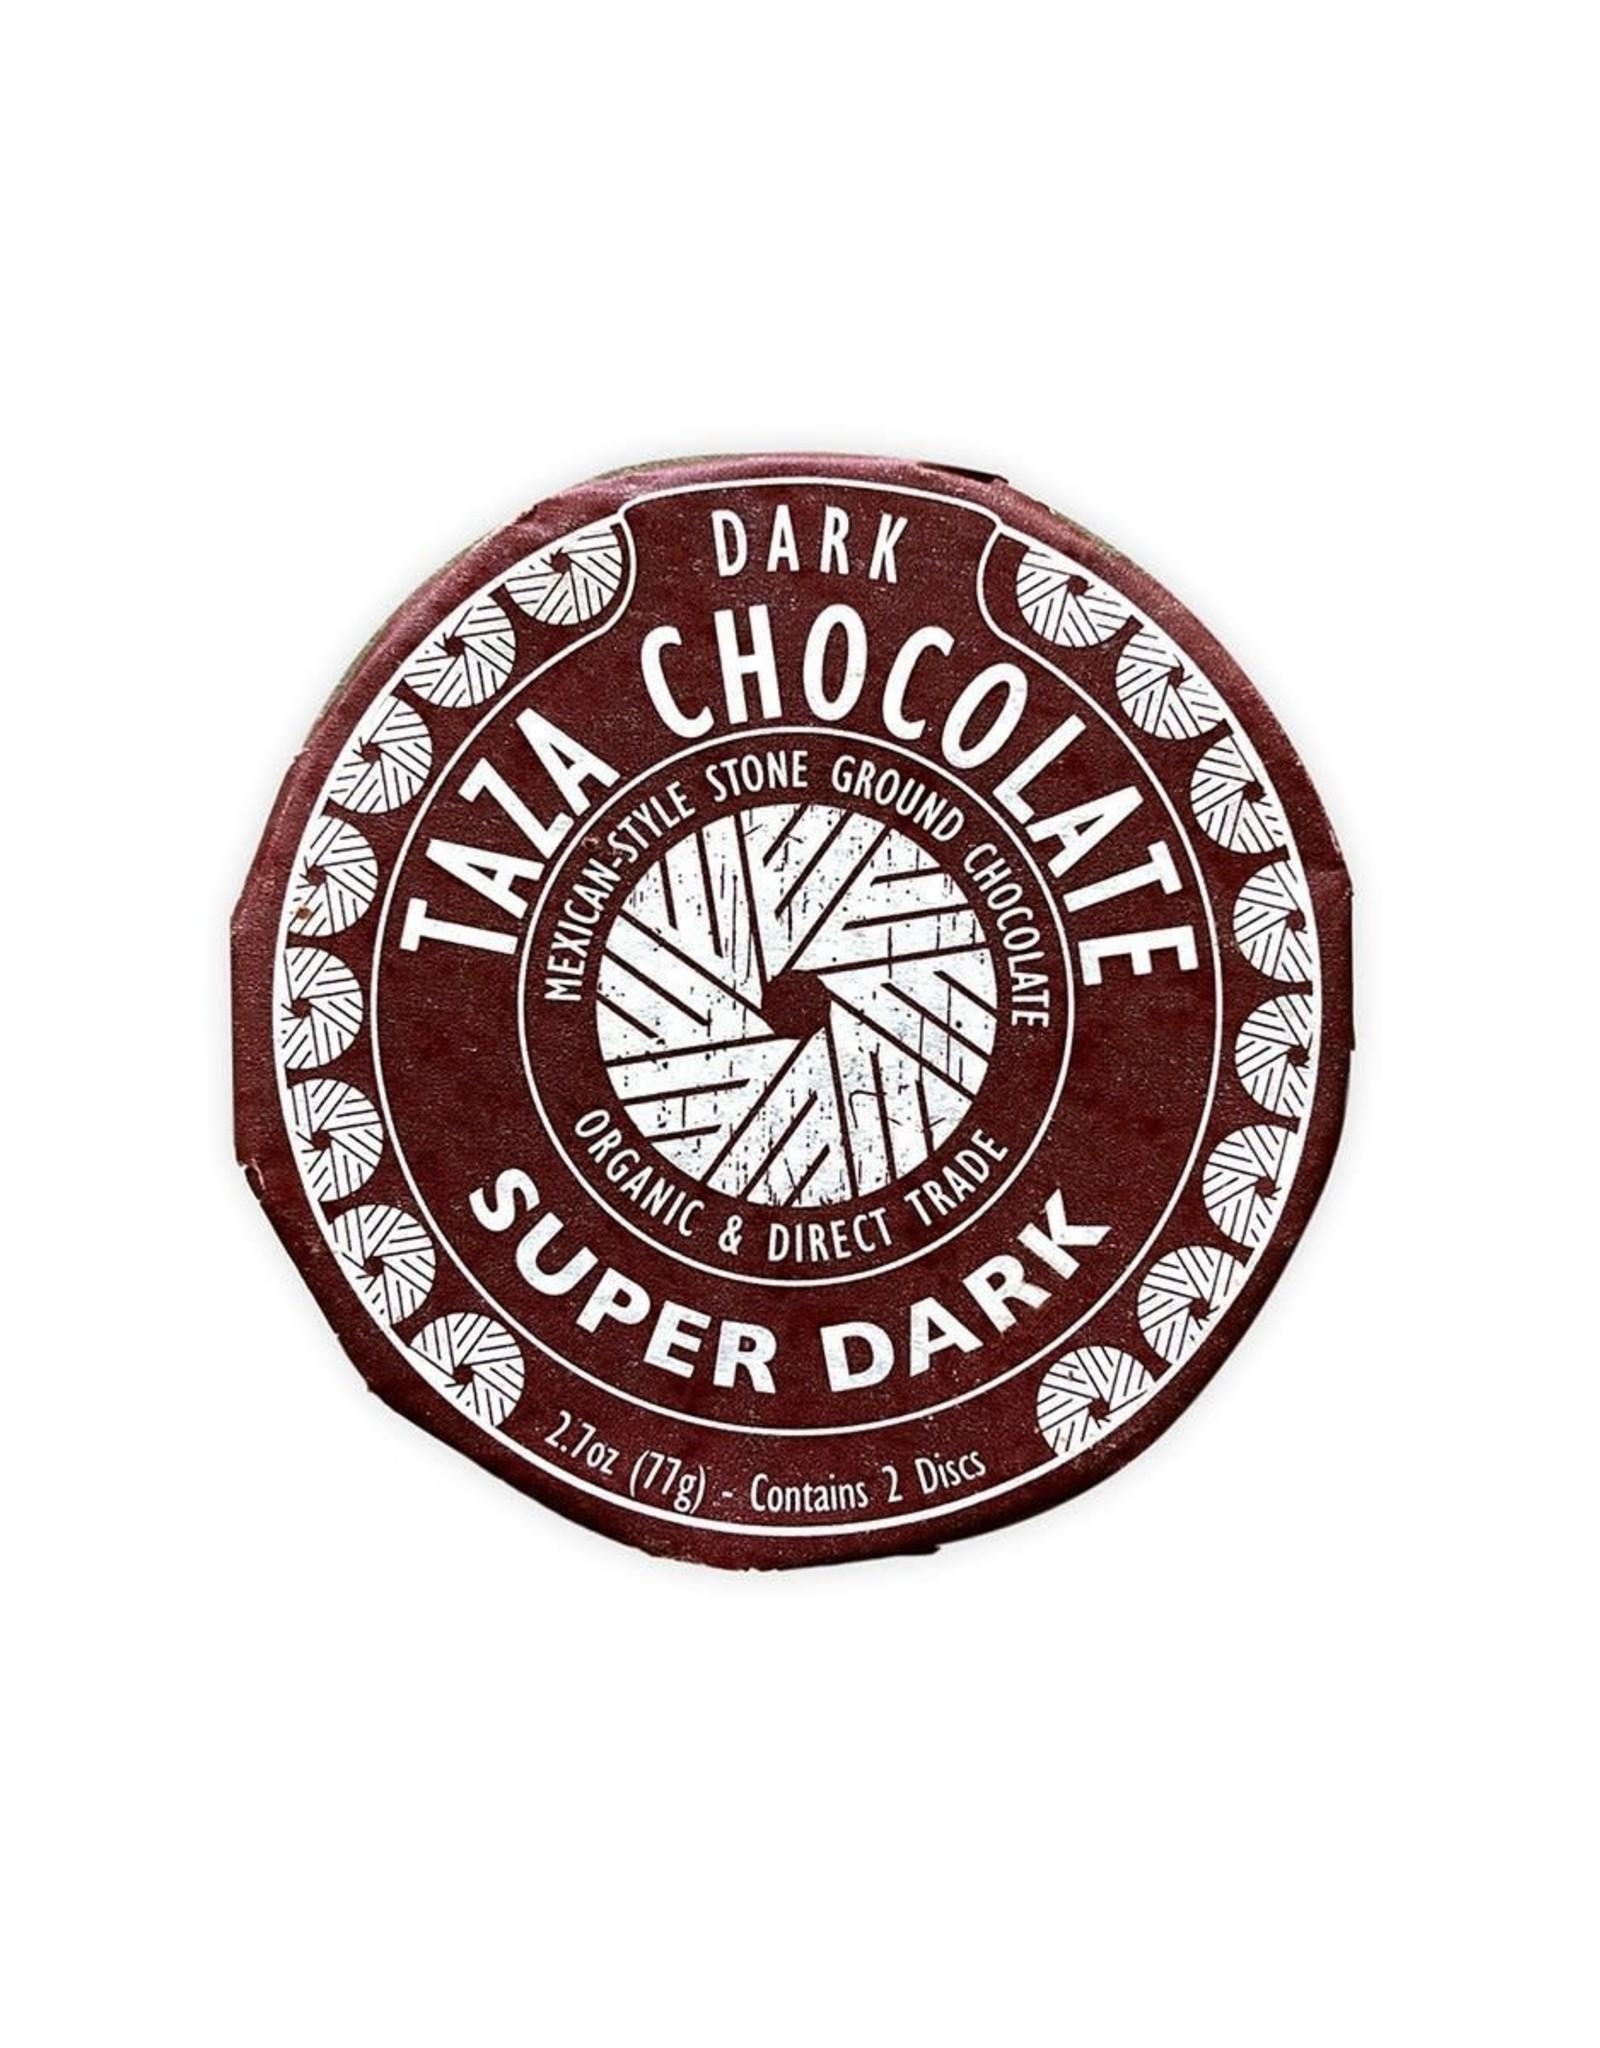 Taza, Somerville Taza Super dark 85%